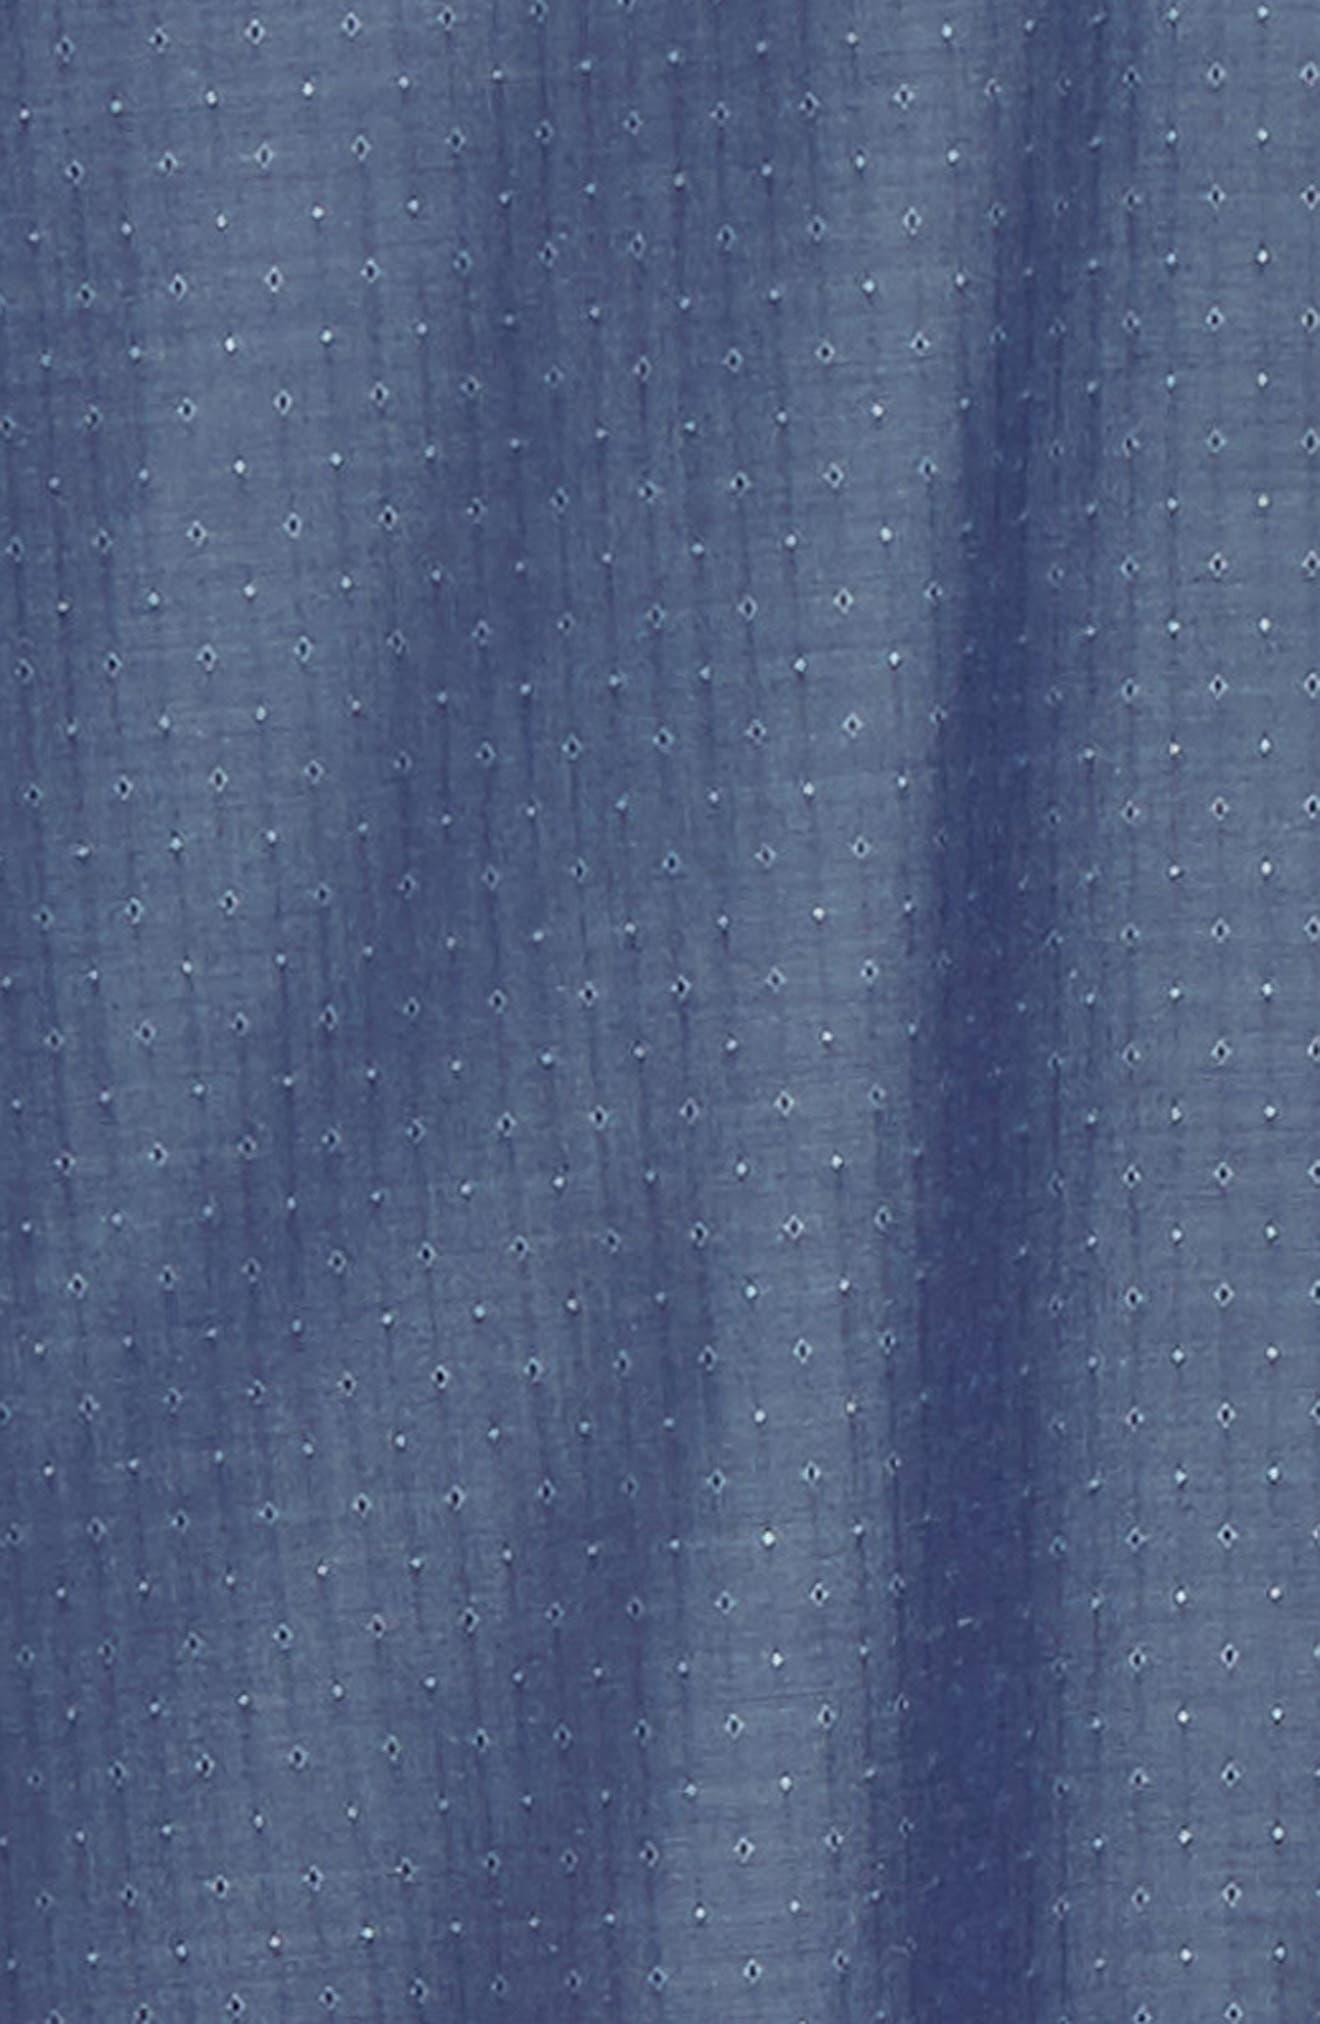 NORDSTROM MEN'S SHOP,                             Regular Fit Non-Iron Dobby Sport Shirt,                             Alternate thumbnail 6, color,                             NAVY PEACOAT DIAMOND DOBBY